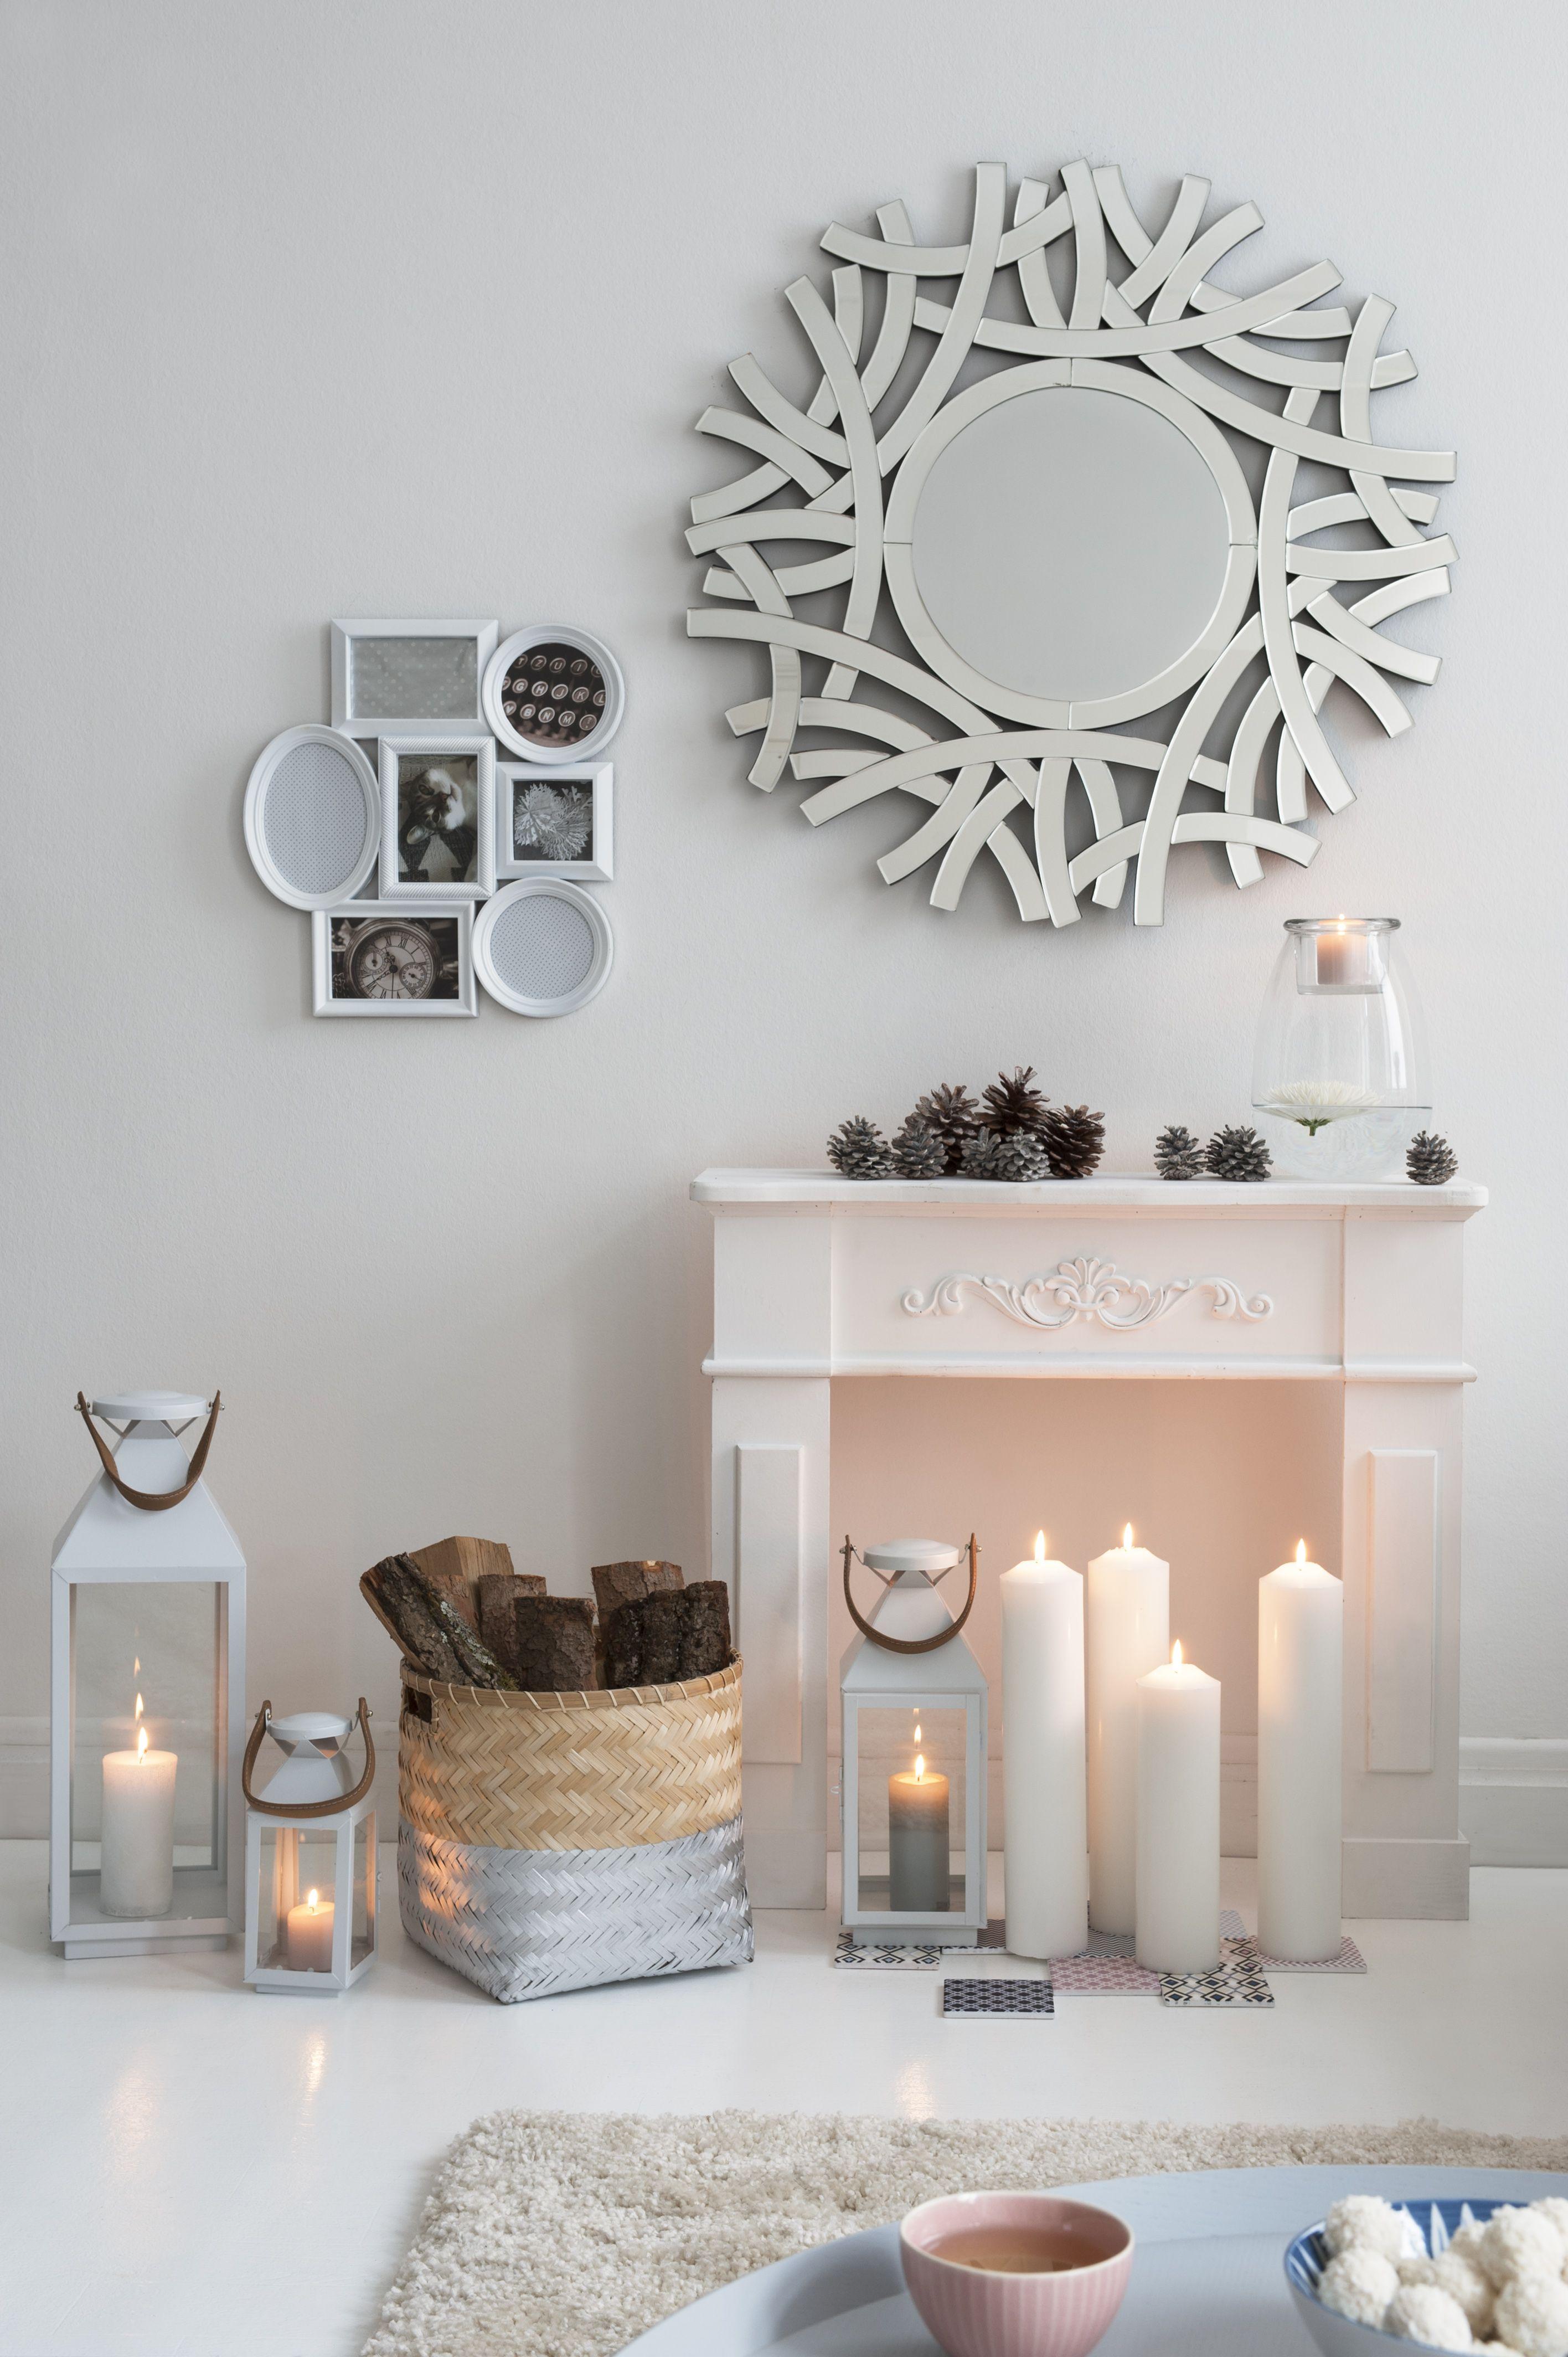 good einfache dekoration und mobel waerme und licht mit echtem feuer #1: Kaminzauber